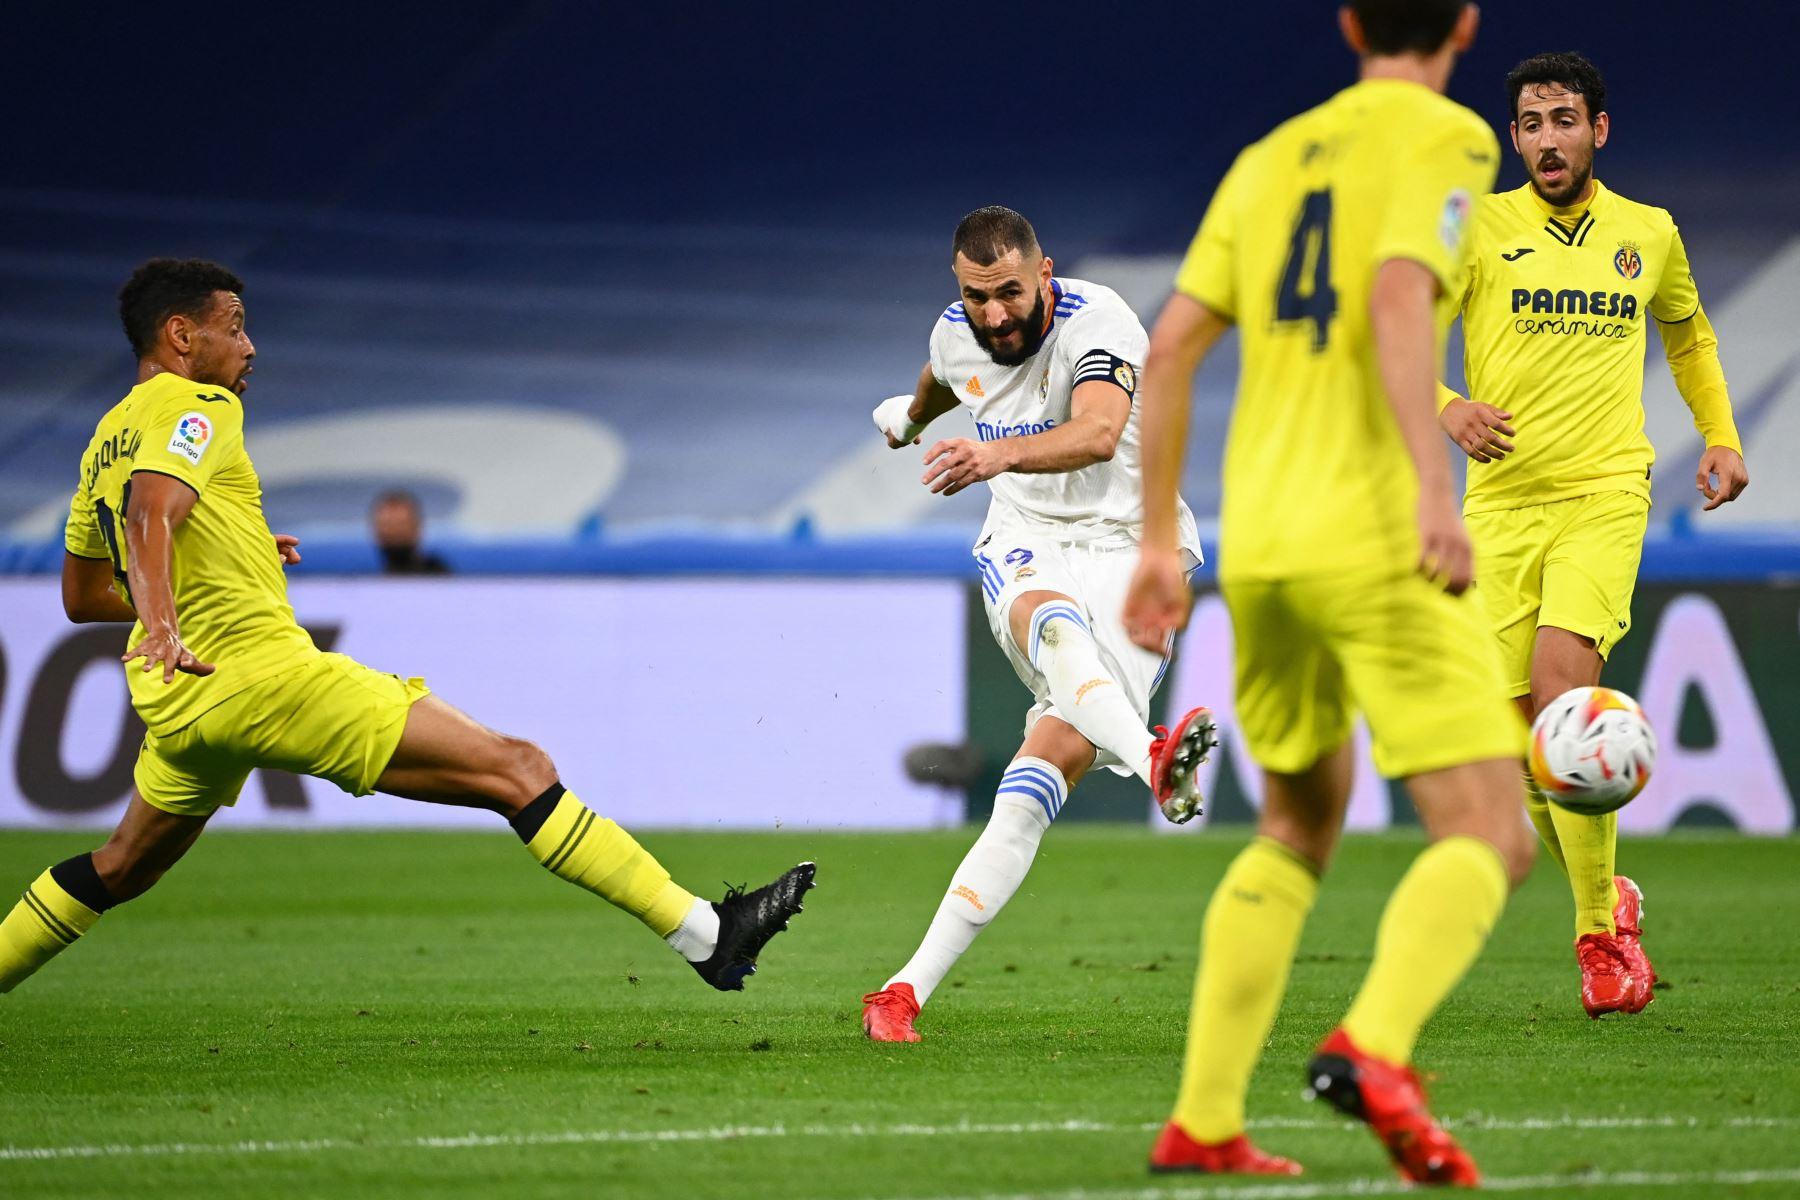 El centrocampista francés del Villarreal Francis Coquelin desafía al delantero francés del Real Madrid Karim Benzema durante el partido de fútbol de la Liga española entre el Real Madrid y el Villarreal. Foto: AFP